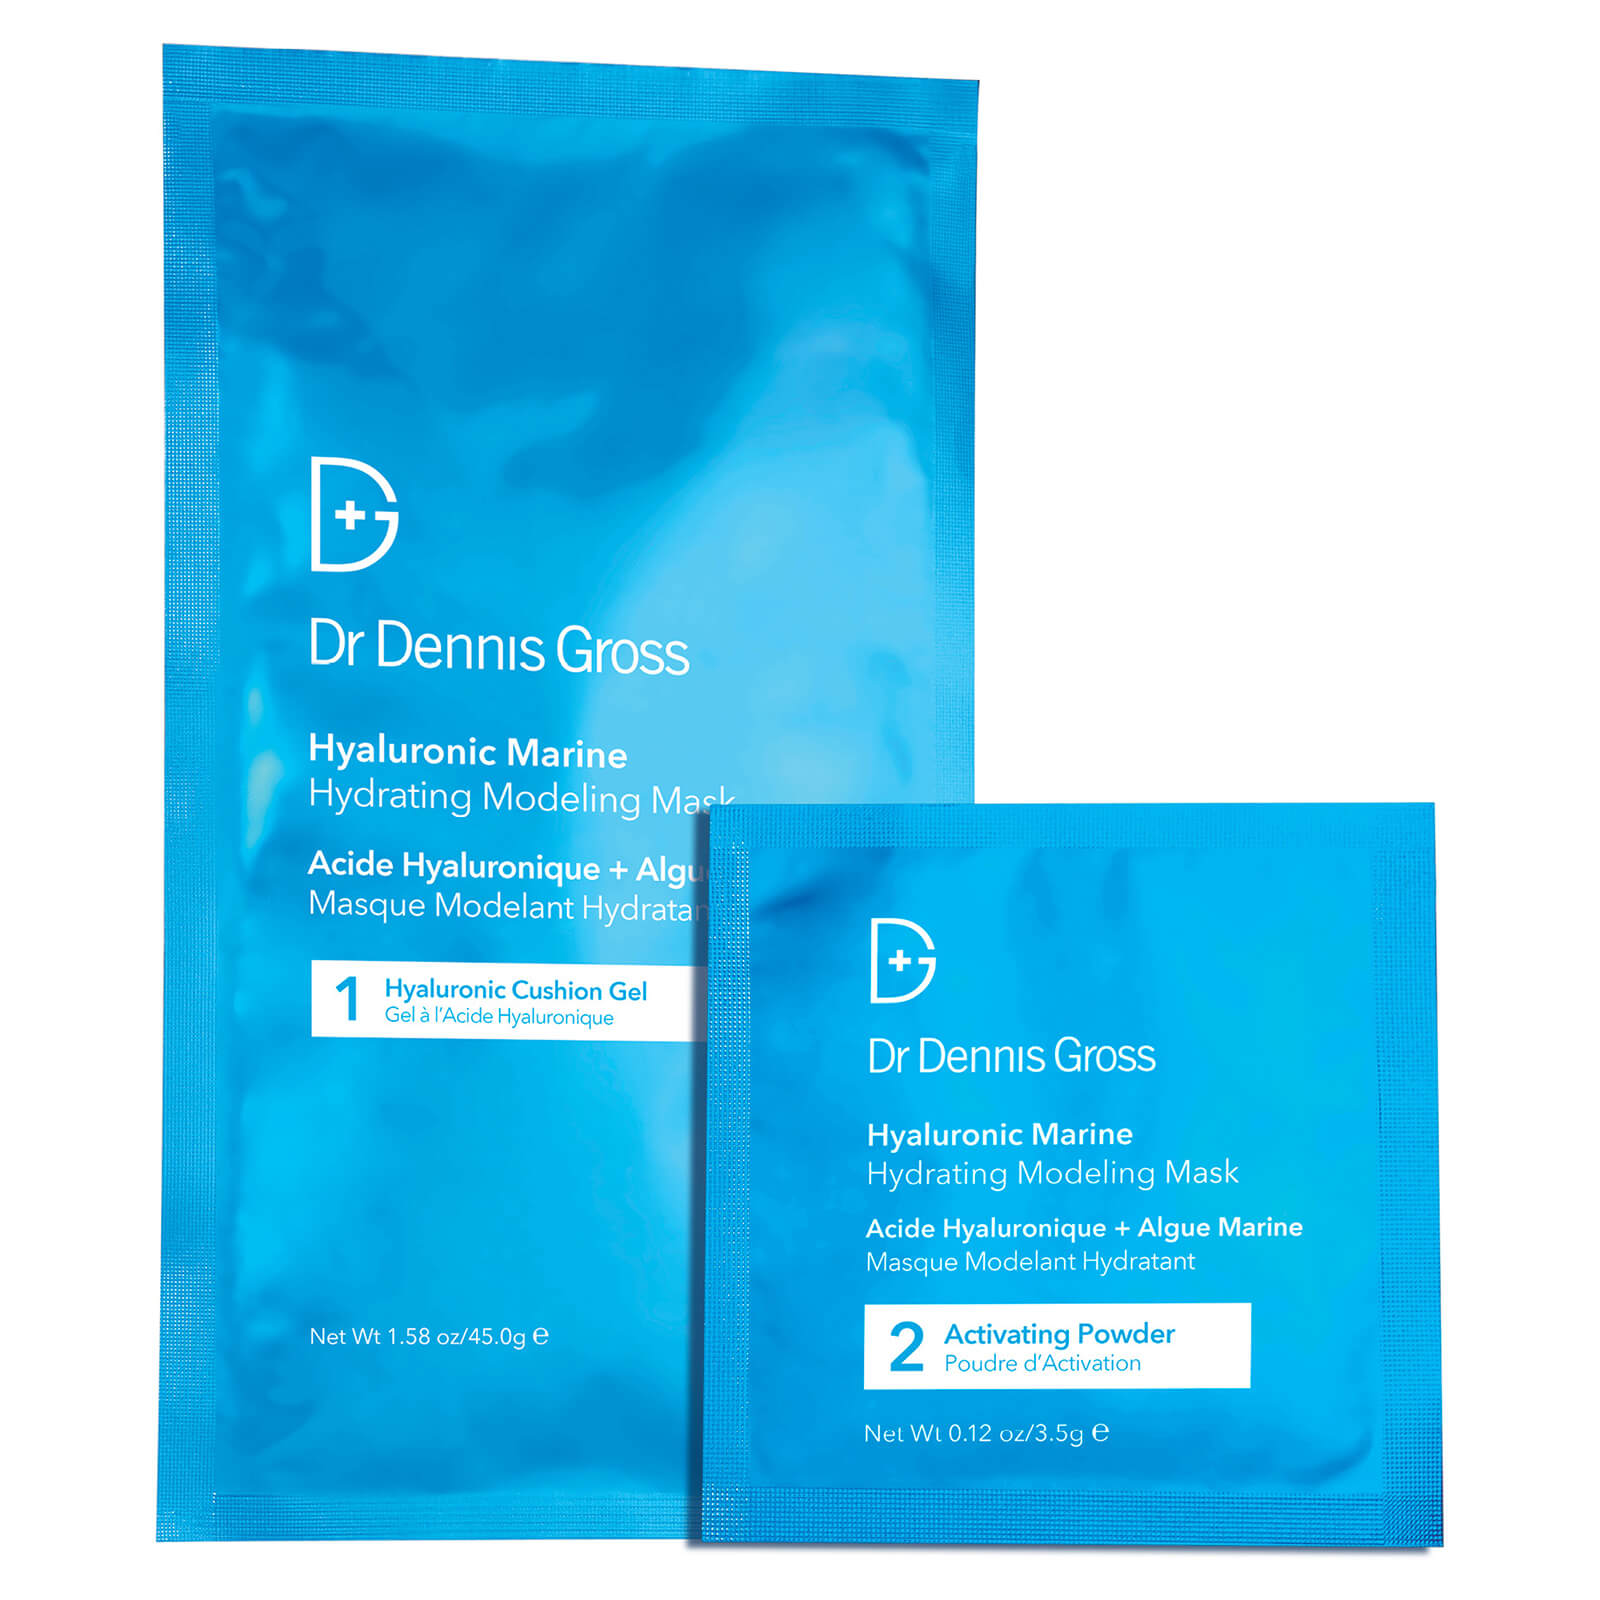 Купить Dr Dennis Gross Hyaluronic Marine Hydrating Modeling Mask